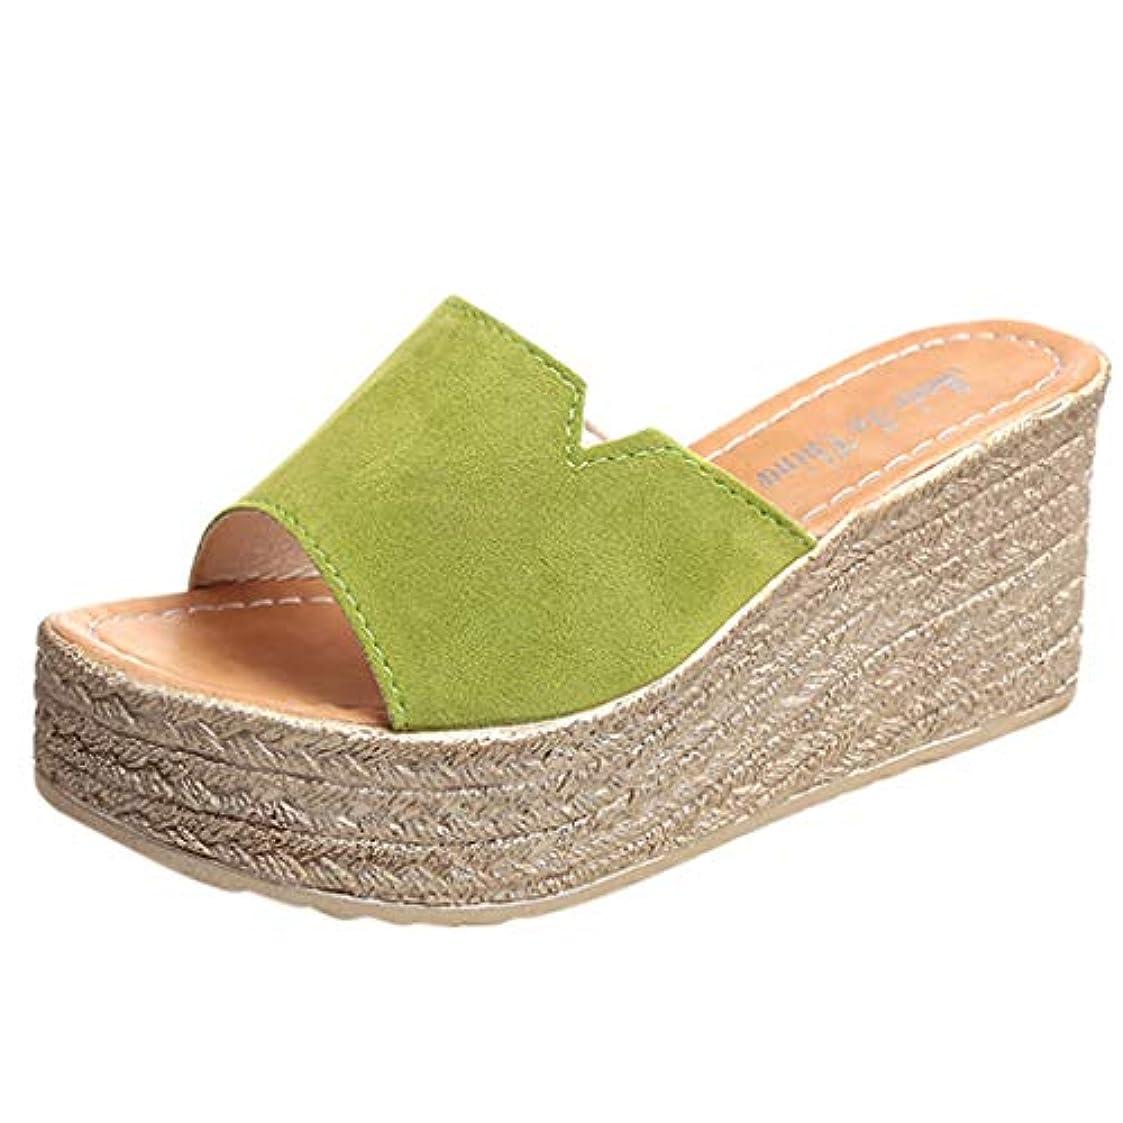 退院実り多いオープナーウェッジソール ミュール Foreted ビーチサンダル 履き心地 厚底靴 日常着用 オープントゥ 下履き スリッパ 痛くない 夏 海